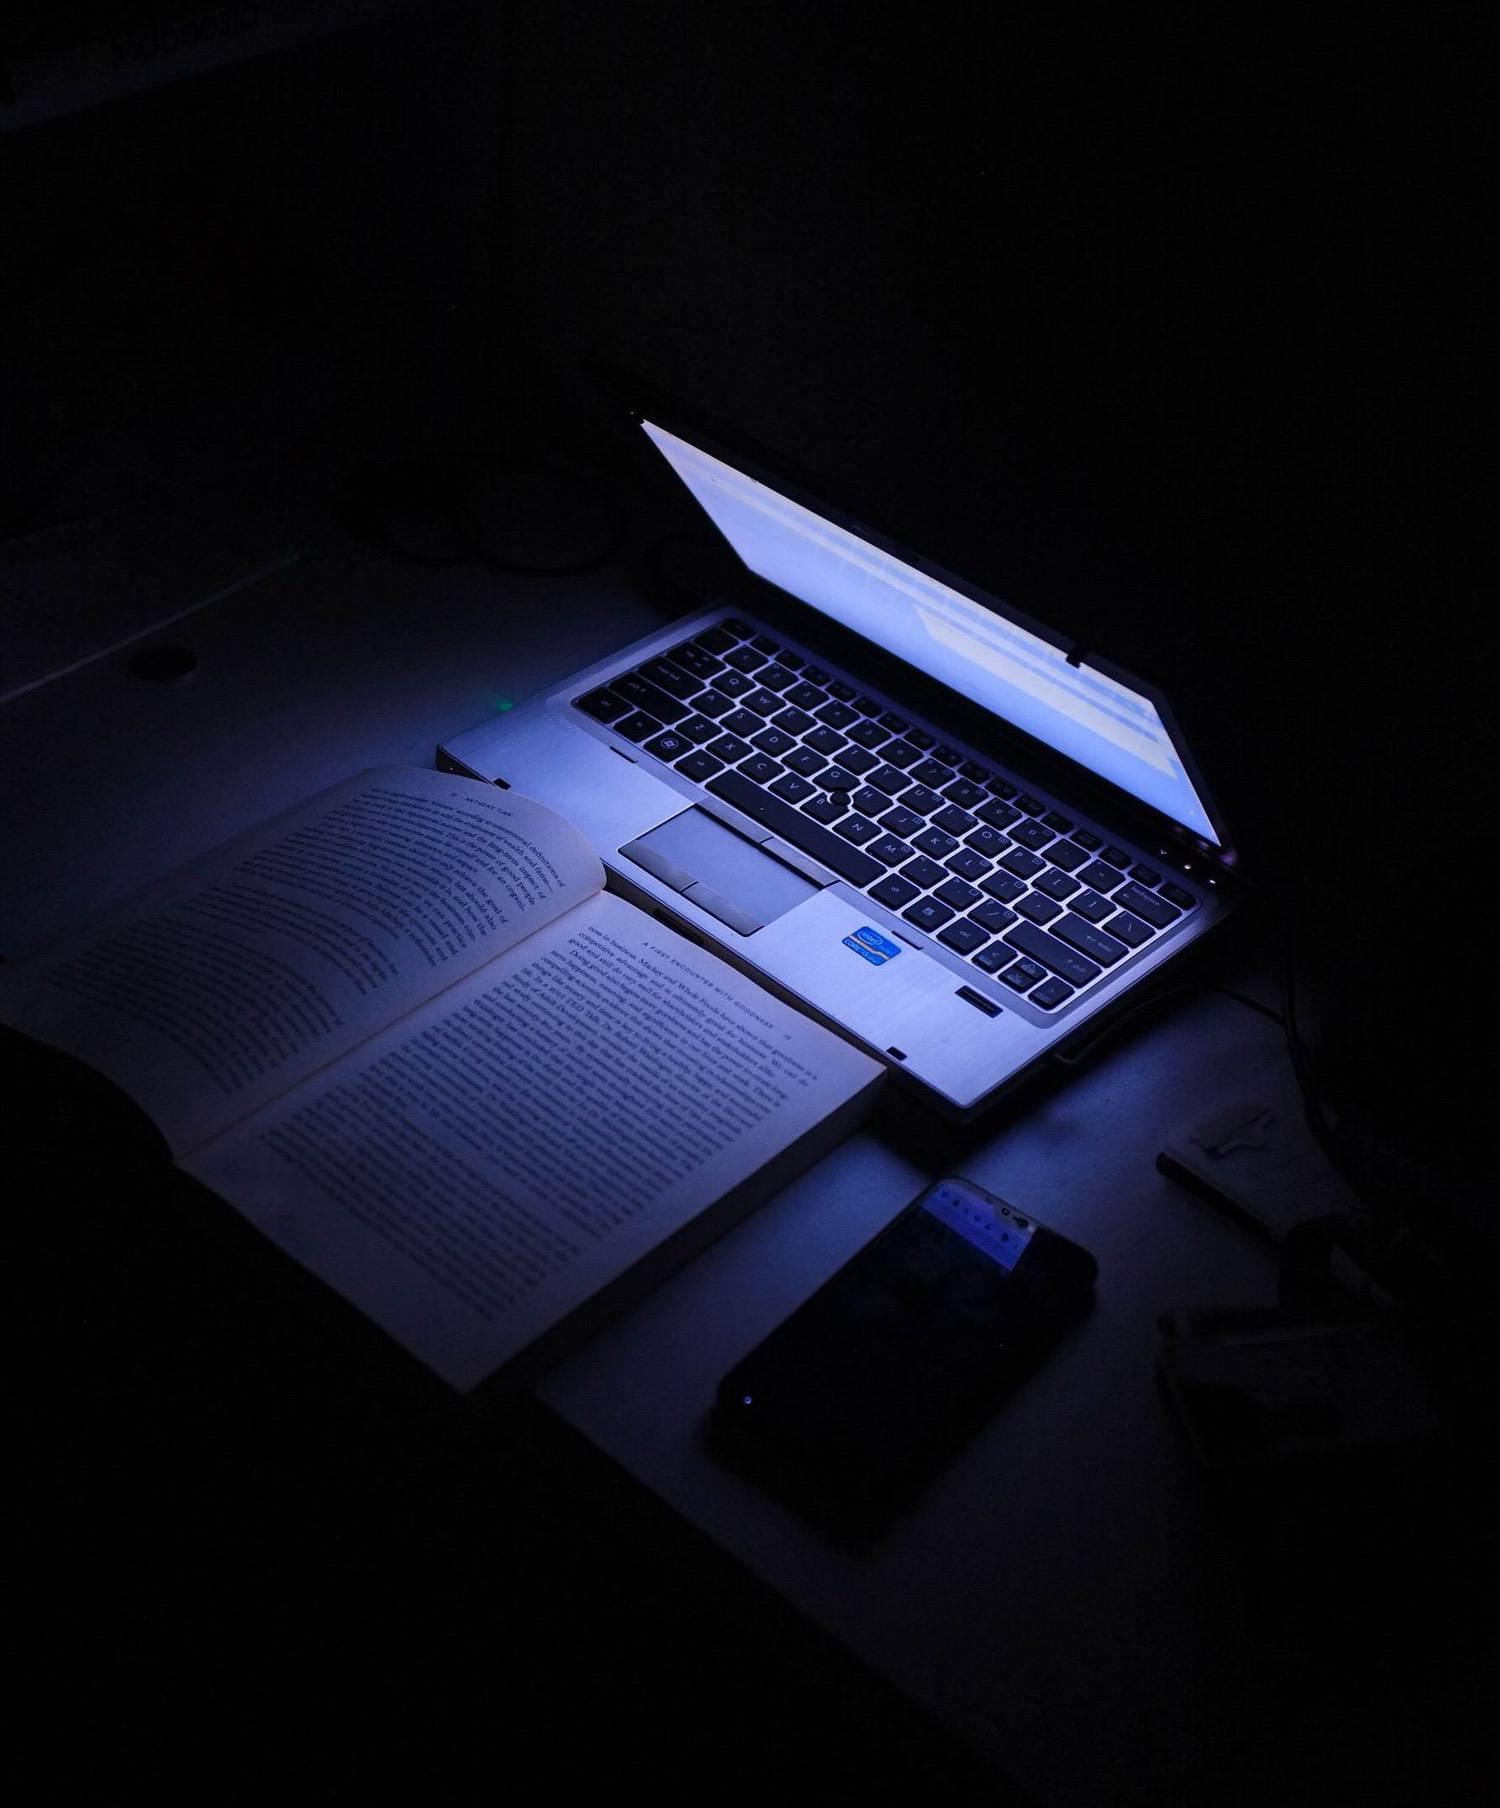 A Laptop in the darkx